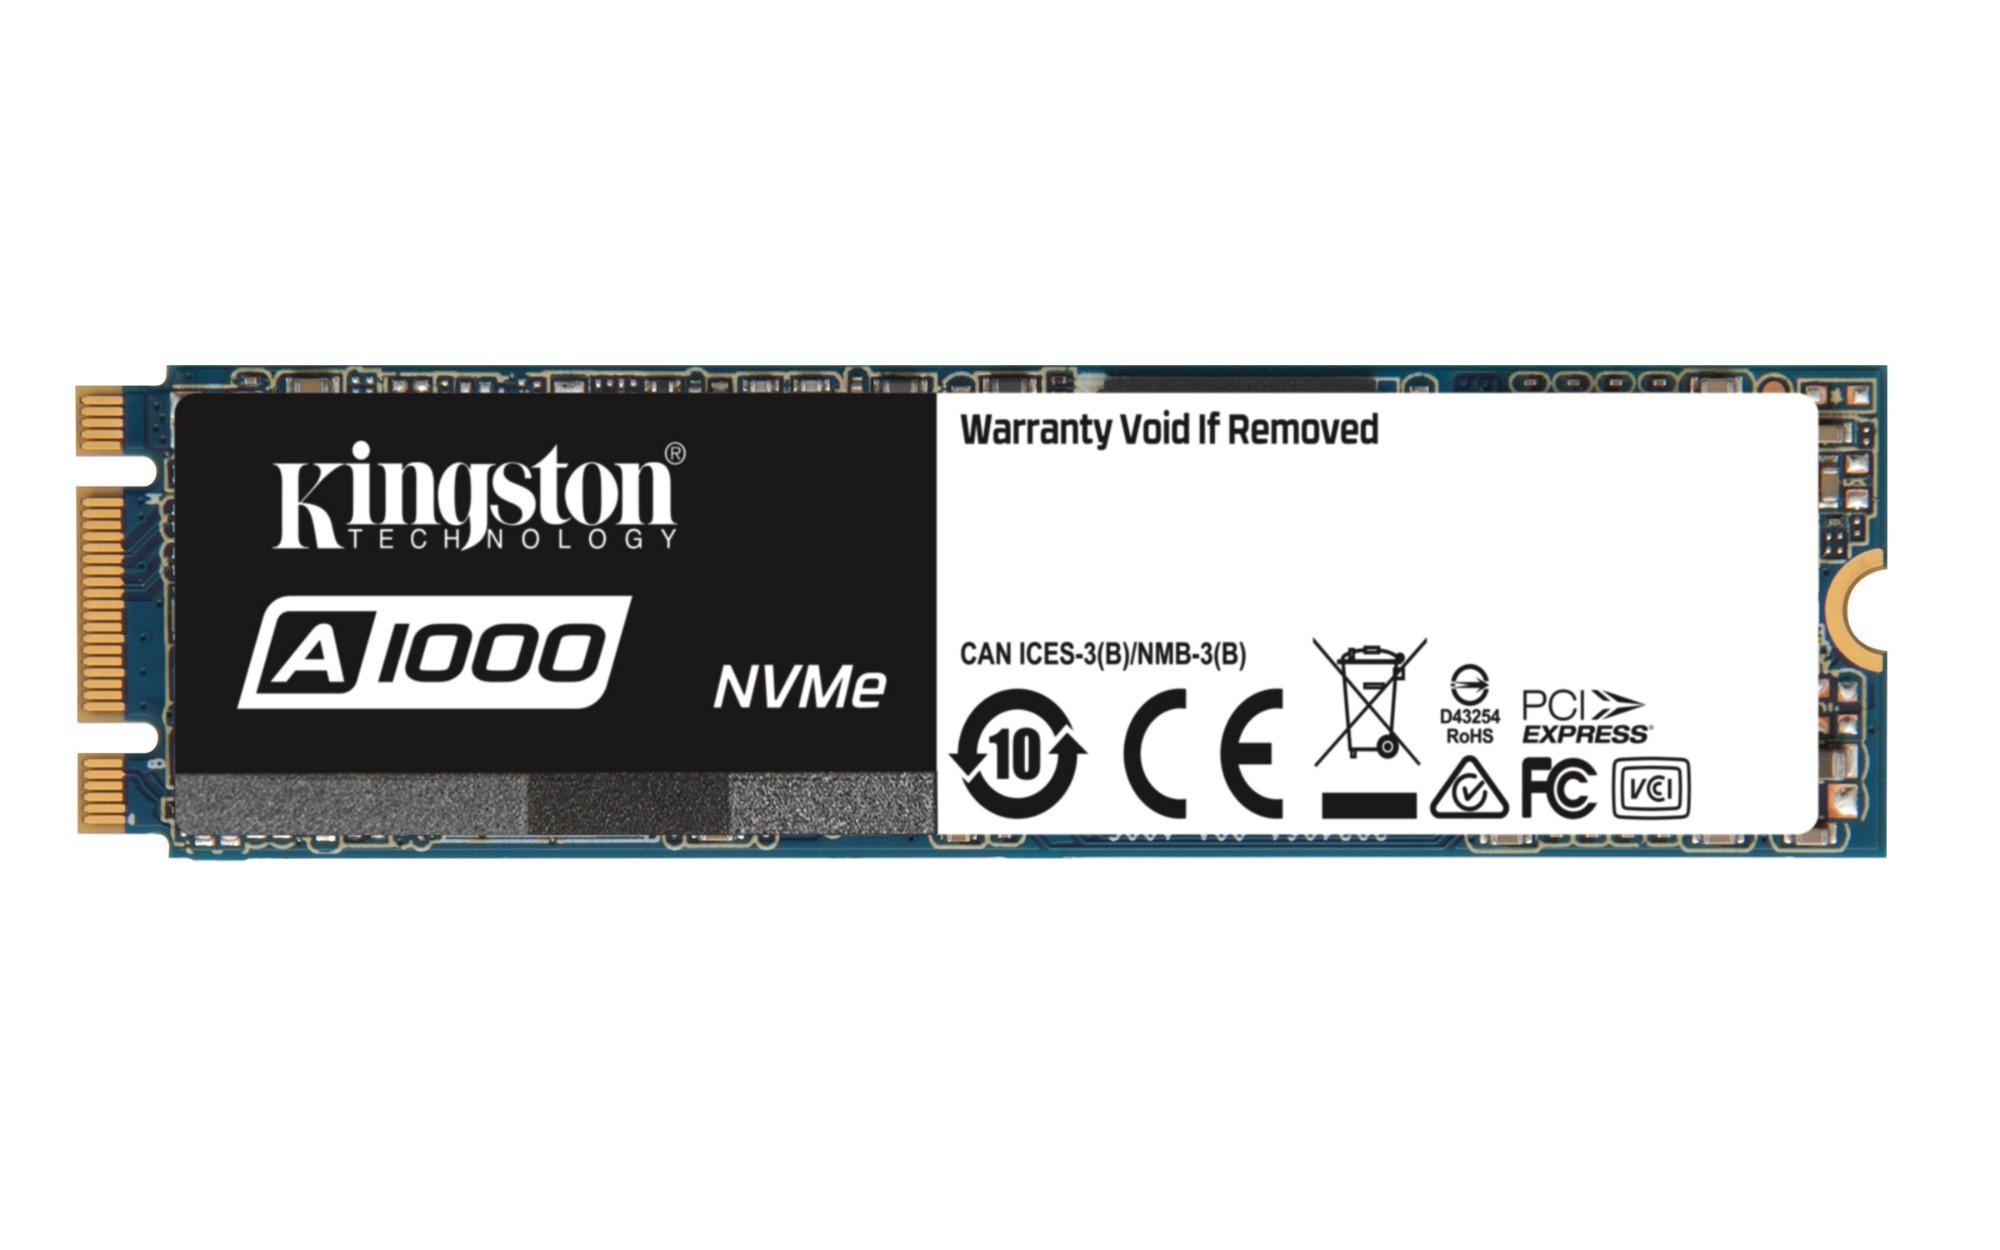 Kingston Technology A1000 M.2 960 GB PCI Express 3D TLC NVMe